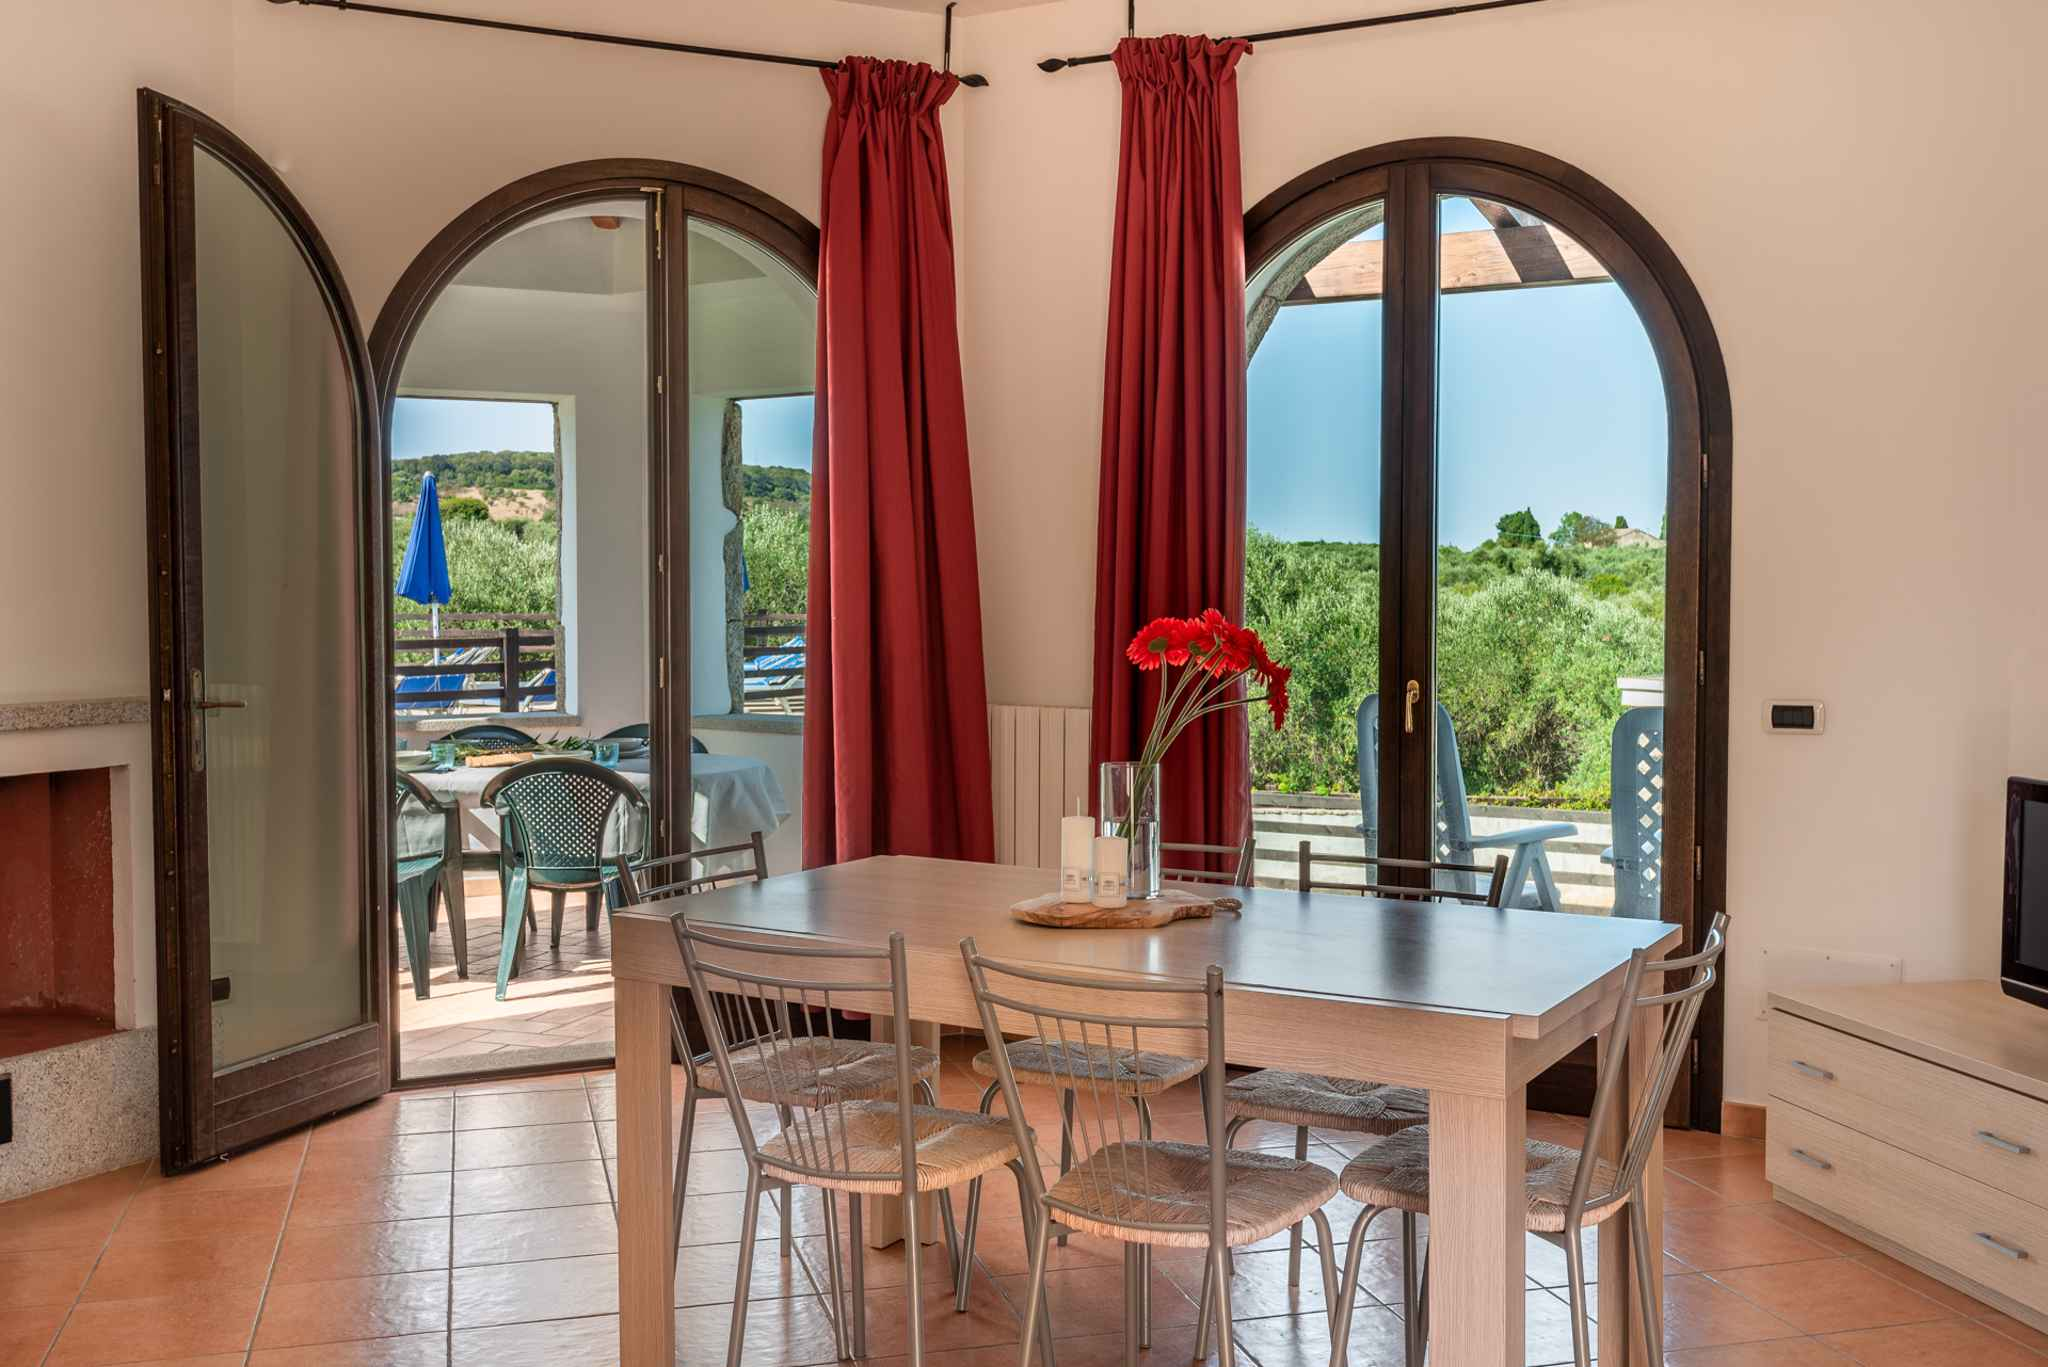 Ferienhaus mit KLimaanlage (2182426), Alghero, Sassari, Sardinien, Italien, Bild 17